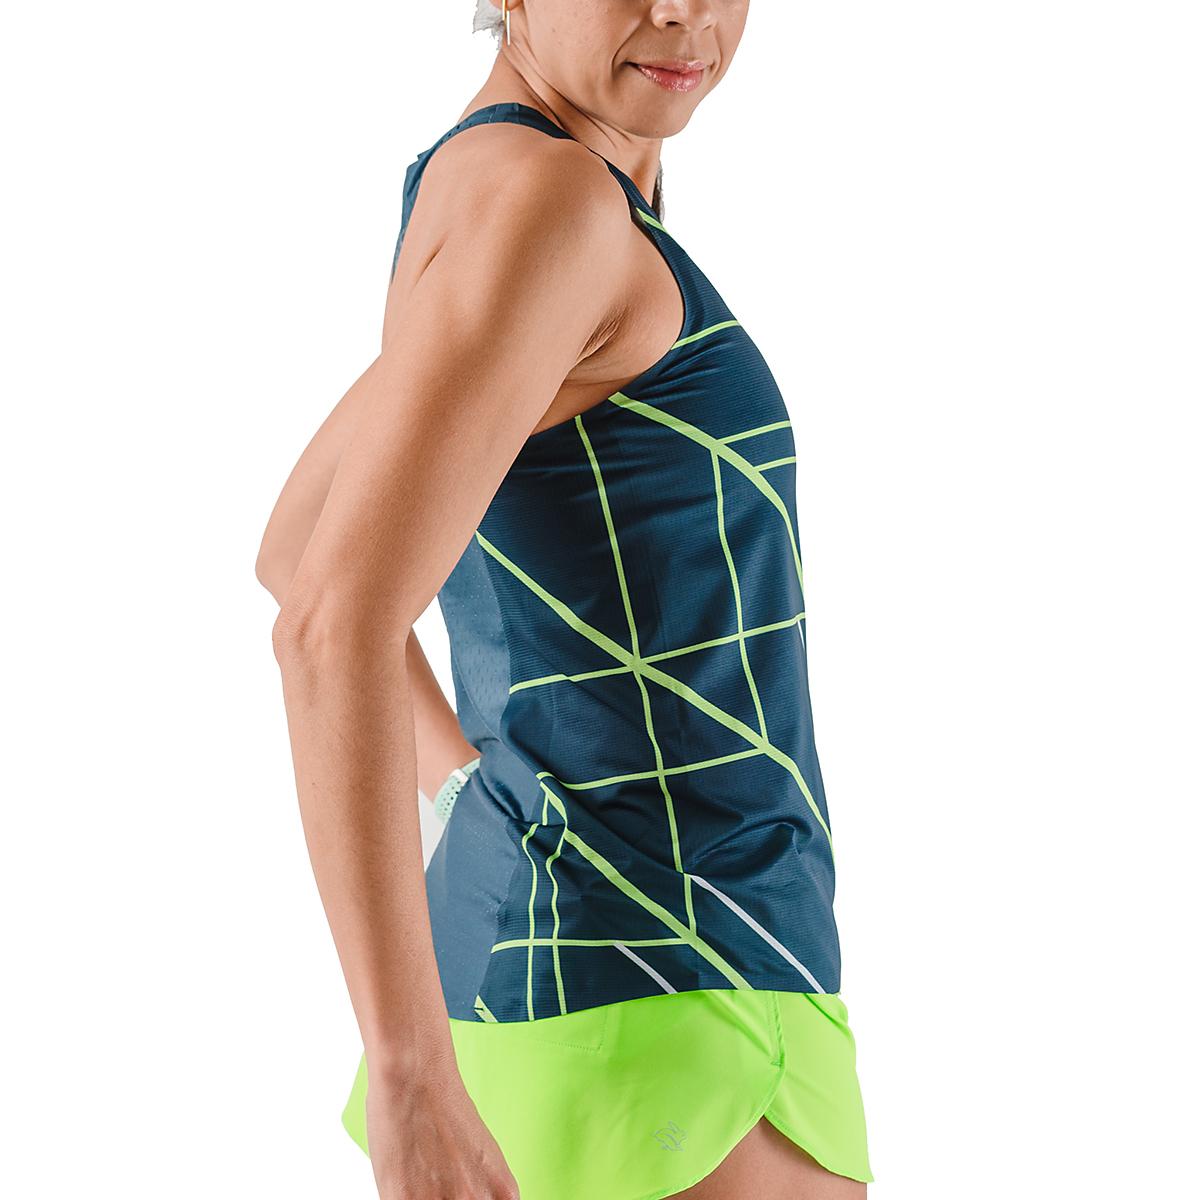 Women's Rabbit Speedeez Singlet - Color: Dress Blues/Green Gecko - Size: XS, Dress Blues/Green Gecko, large, image 4